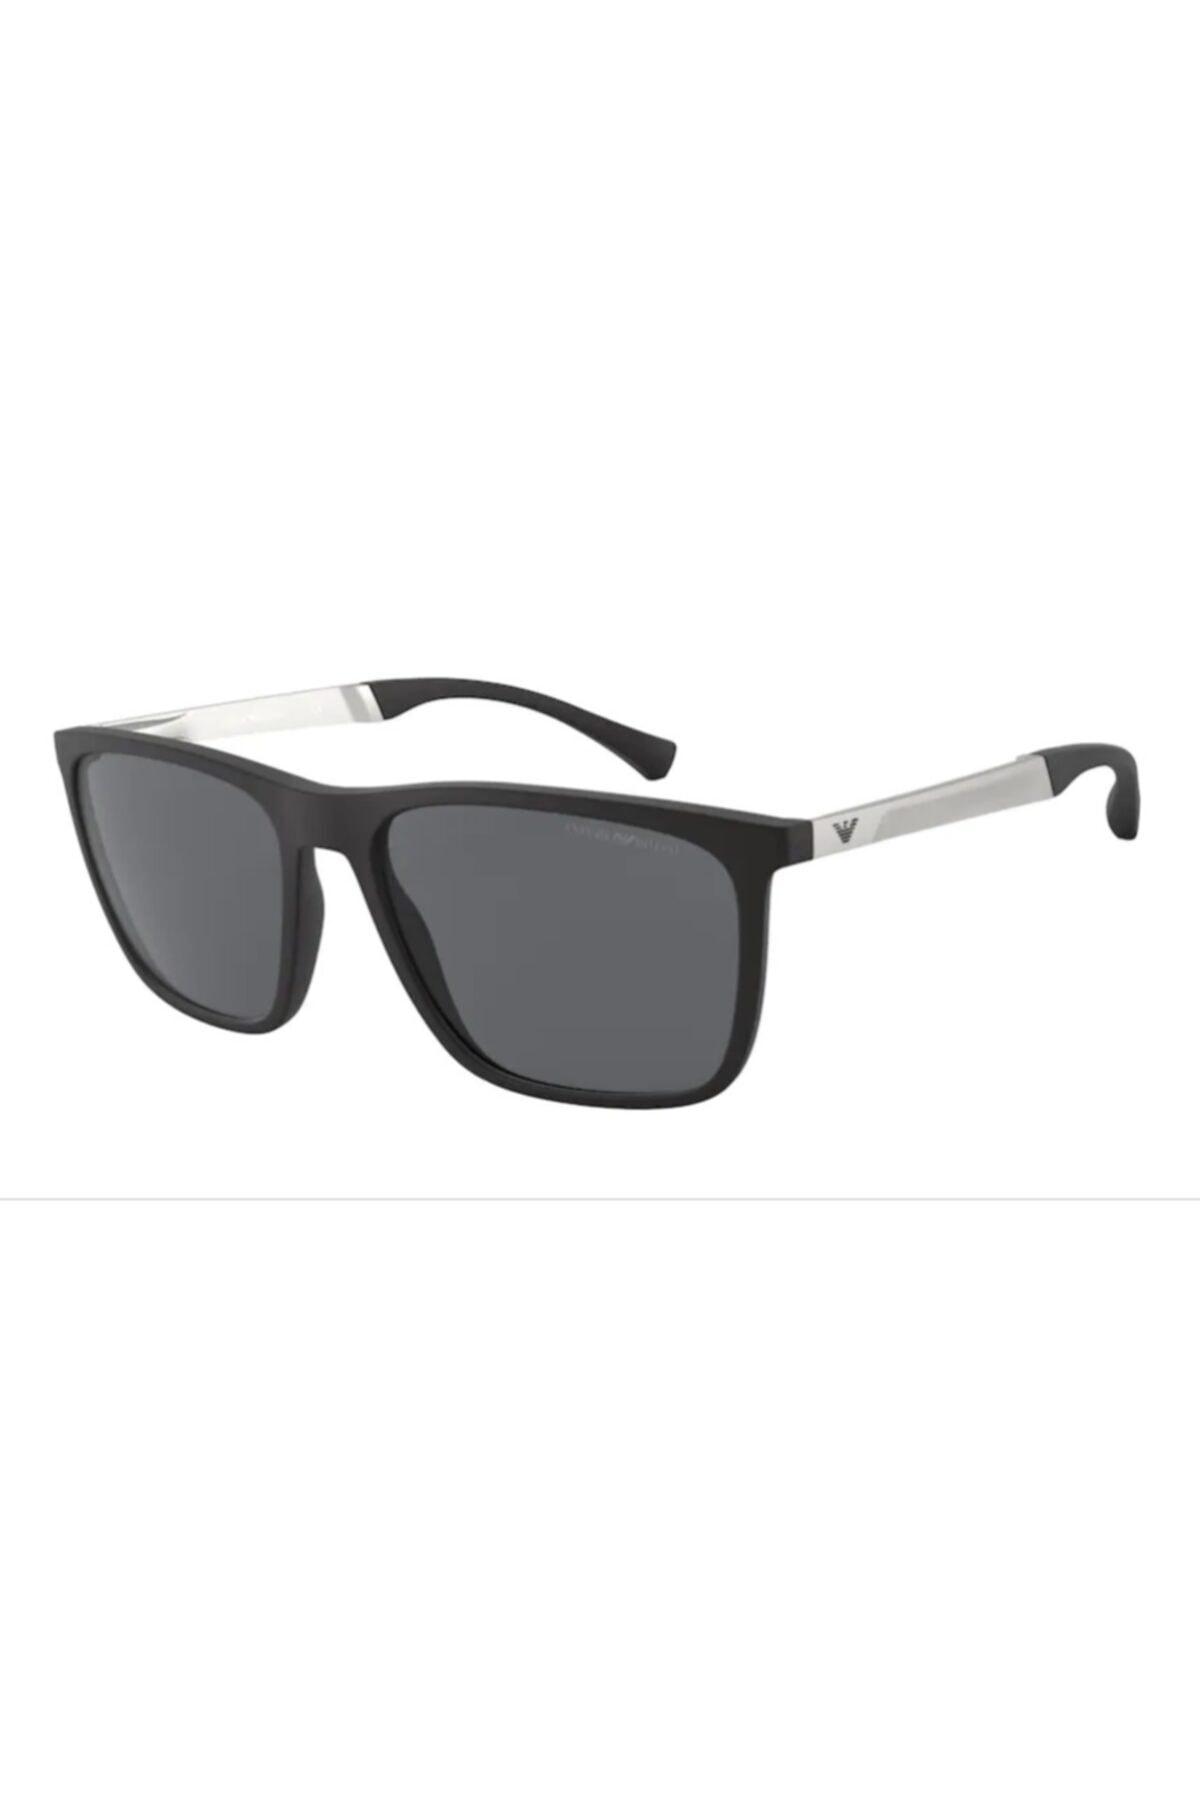 عینک آفتابی مدل 2021 برند امپریو آرمانی رنگ مشکی کد ty94545548